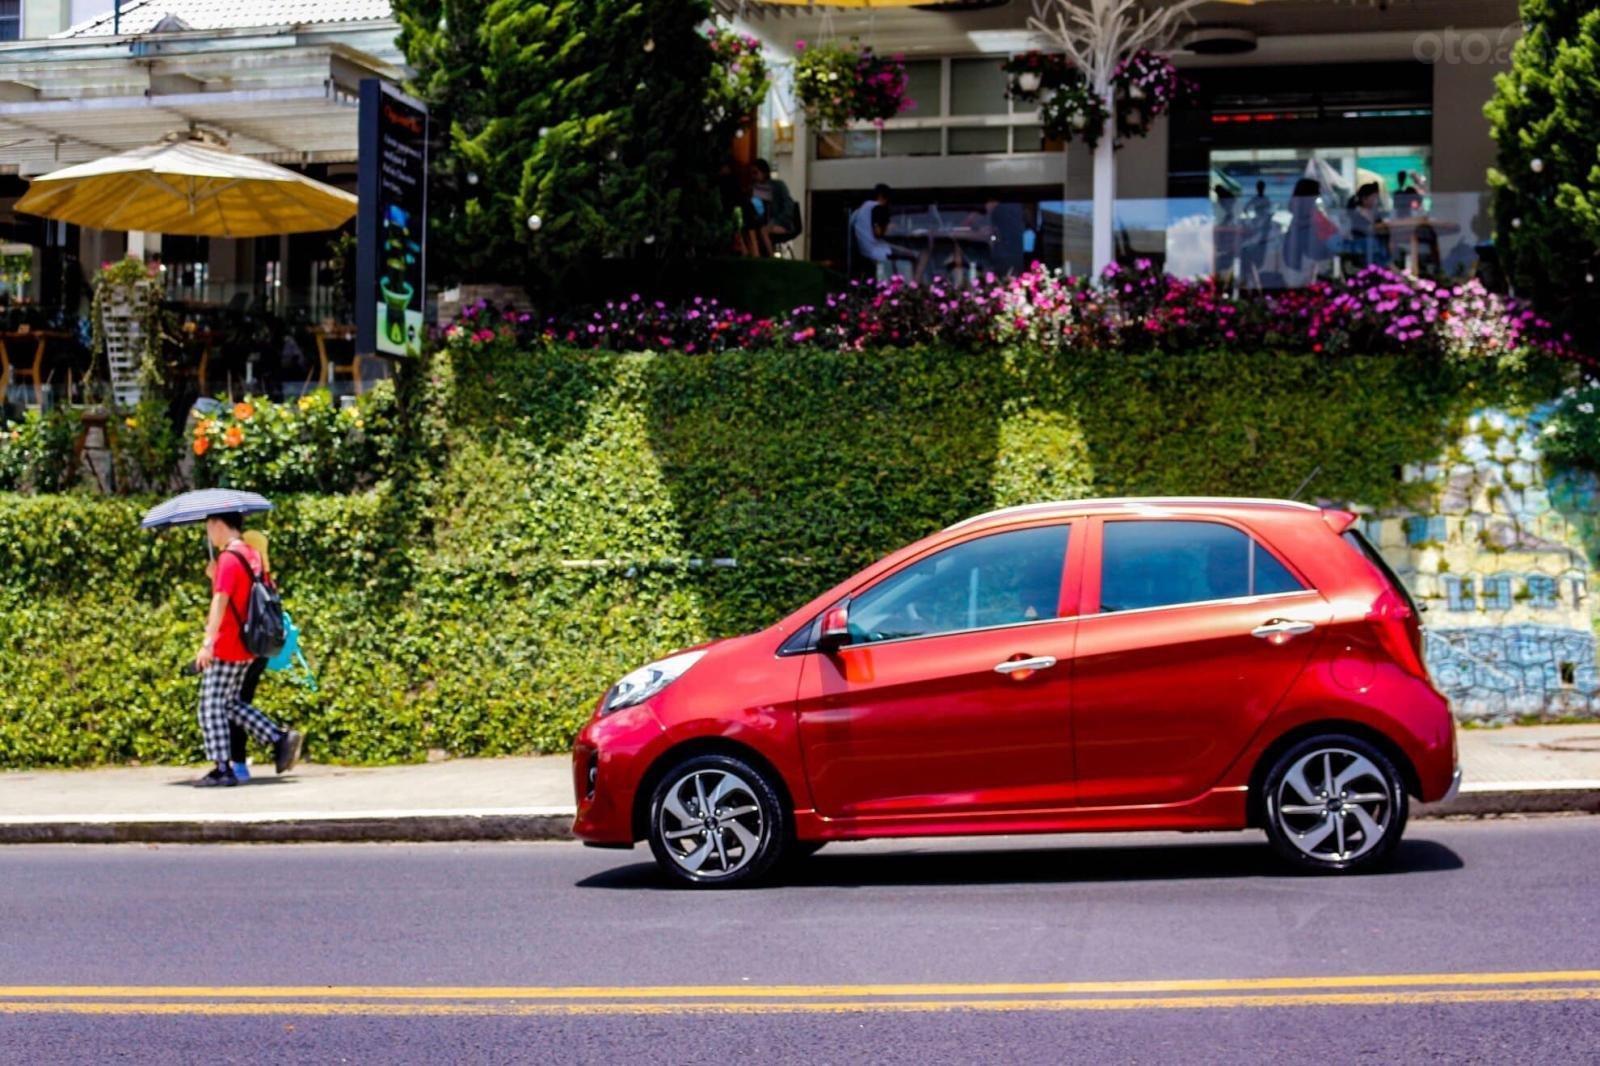 [Kia Giải Phóng] mua xe Kia Morning nhận ưu đãi tối đa tới 15 triệu - hỗ trợ TG - hotline 0969393456 (5)